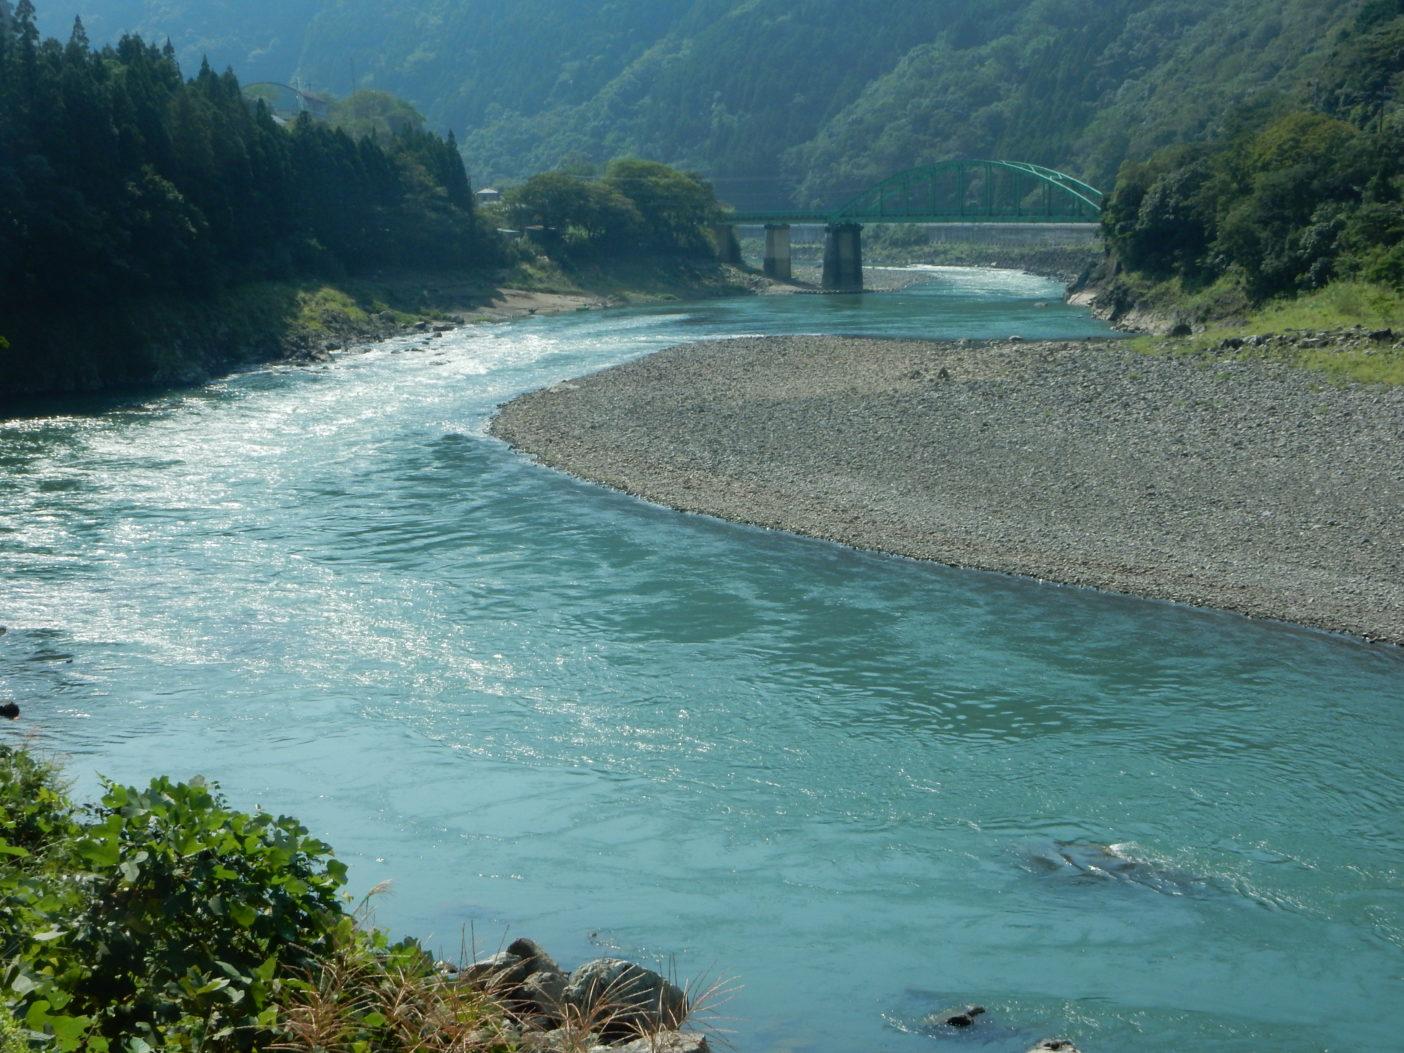 荒瀬ダム撤去開始後、汚いダム湖だったところは本来の流れが戻り、瀬や淵が形成された。写真:つる詳子